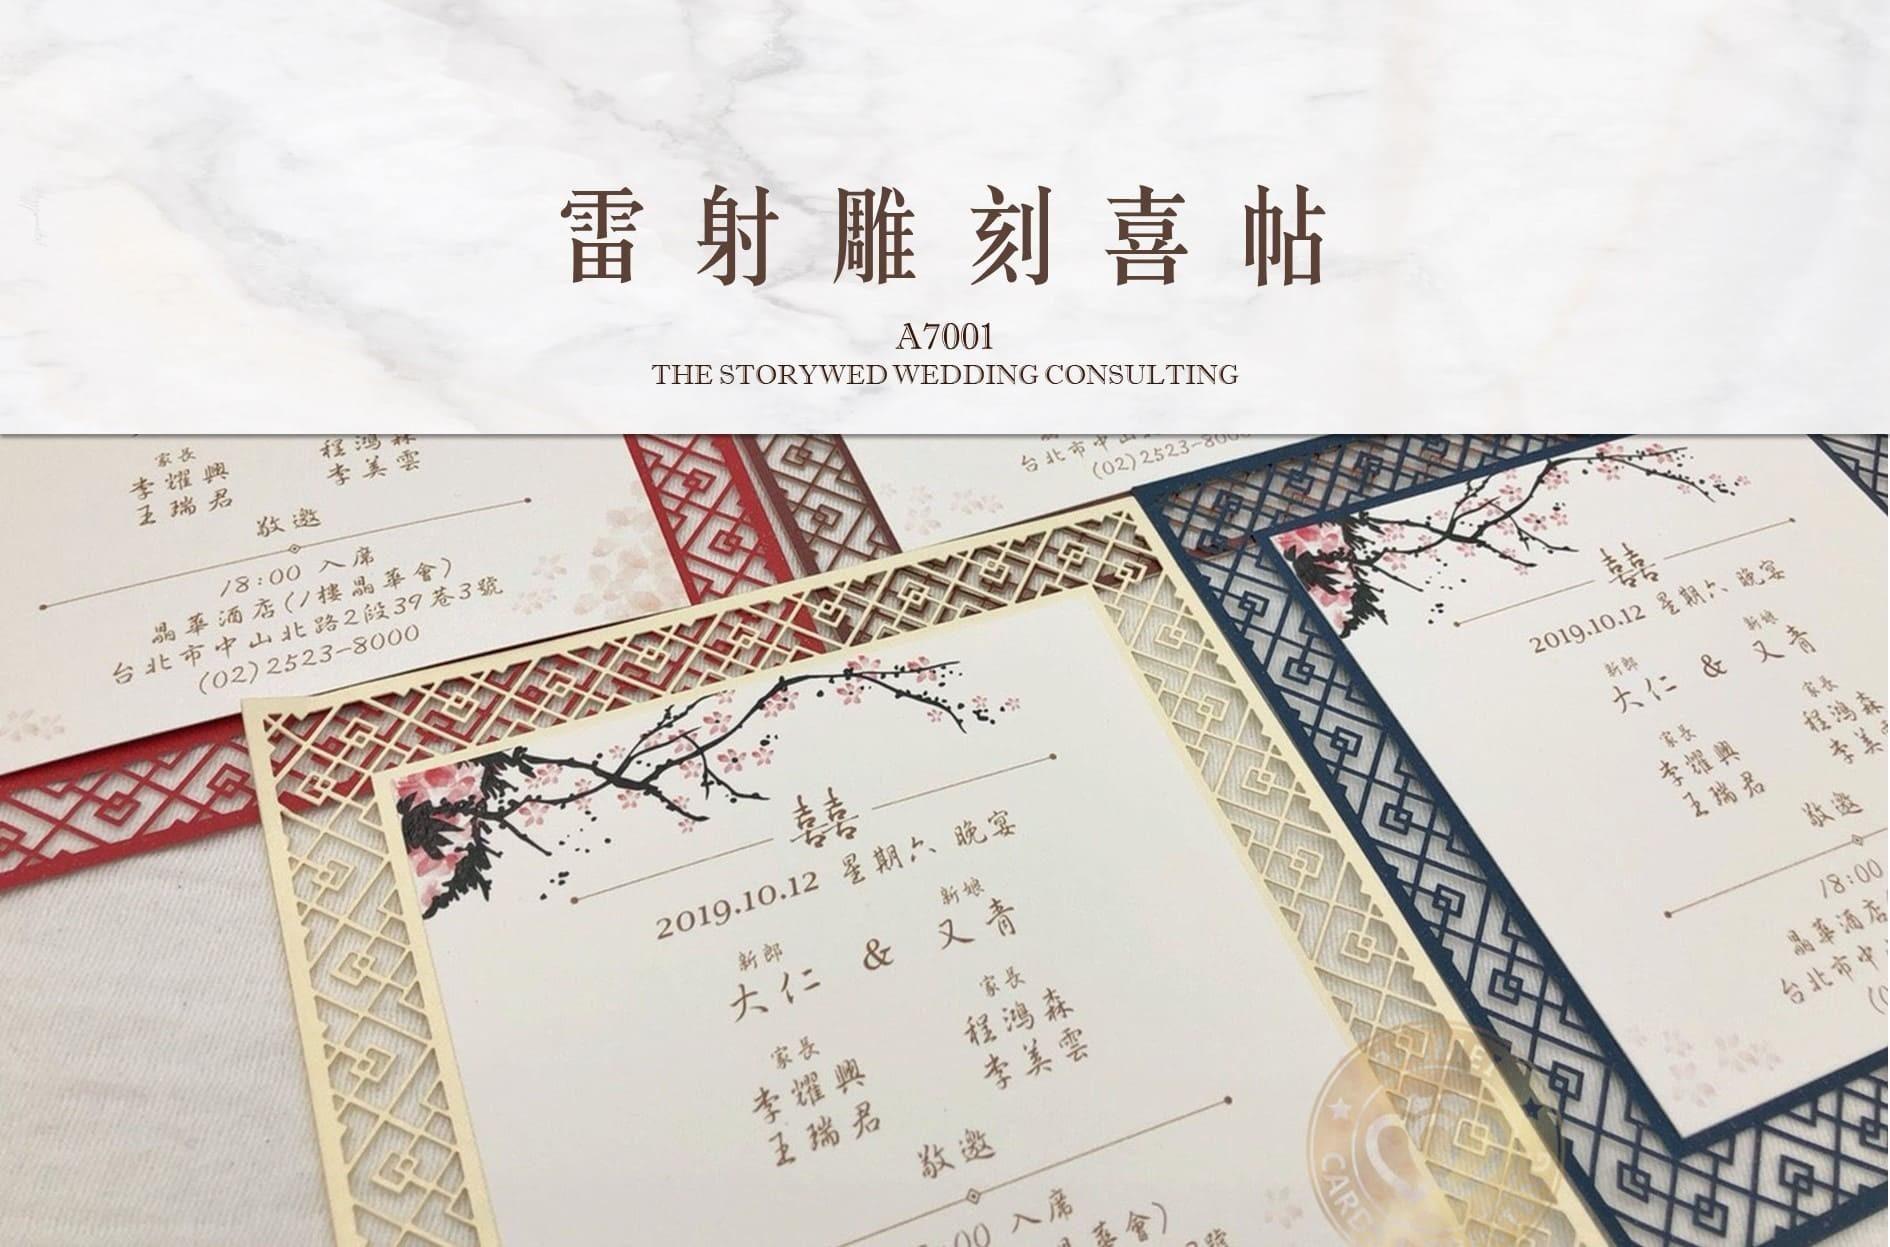 〖婚卡喜帖〗雷射雕刻喜帖 A7001